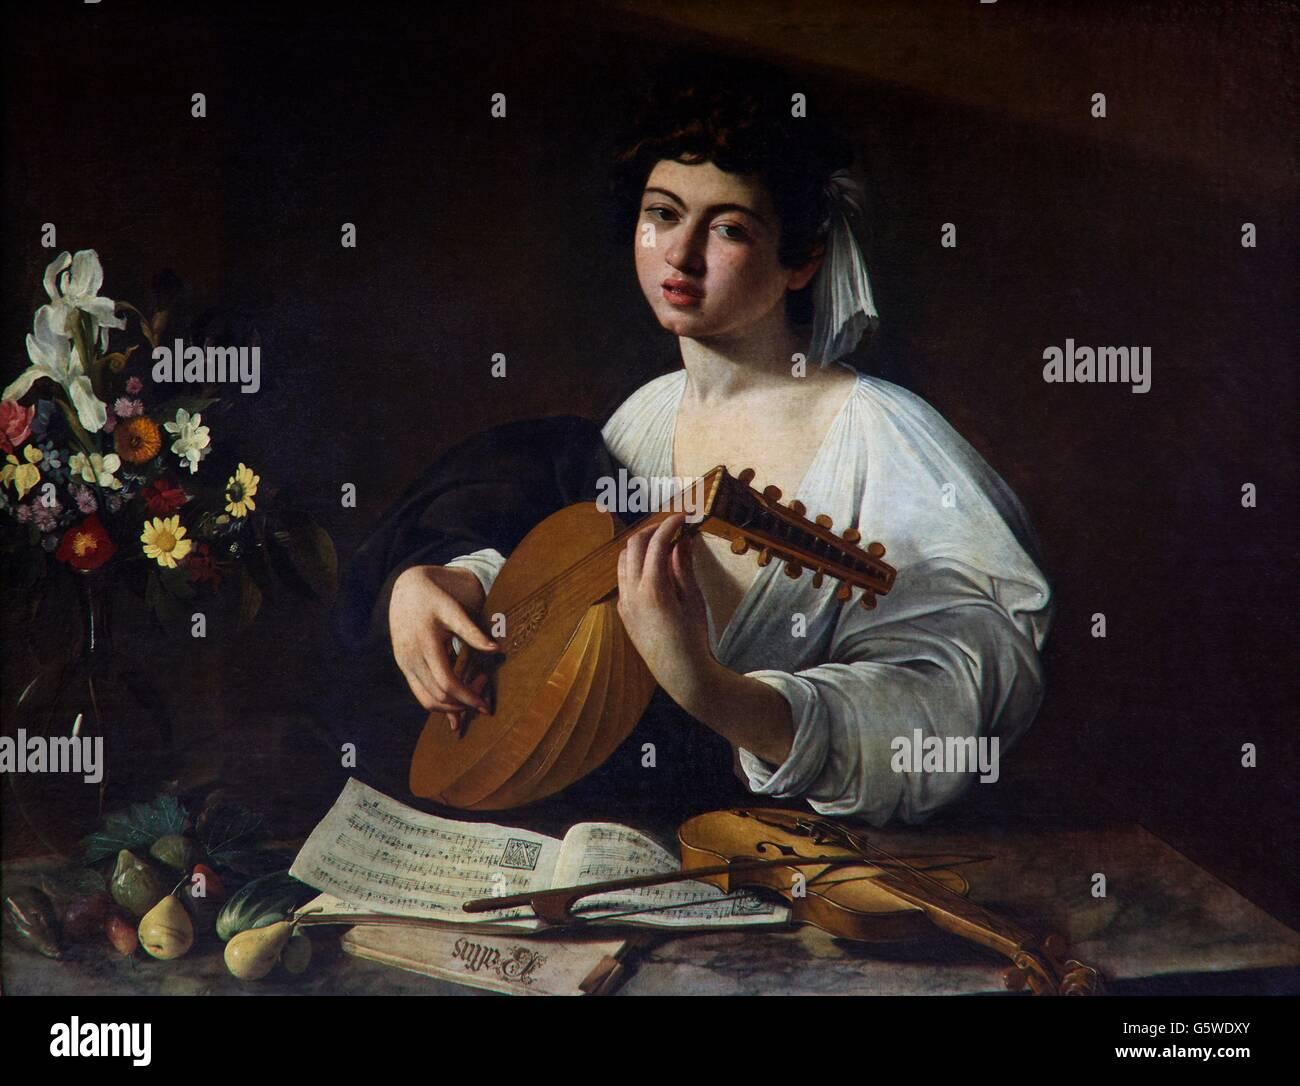 Laute Spieler von Caravaggio, ca. 1595, Staatliche Eremitage, Sankt Petersburg, Russland Stockbild